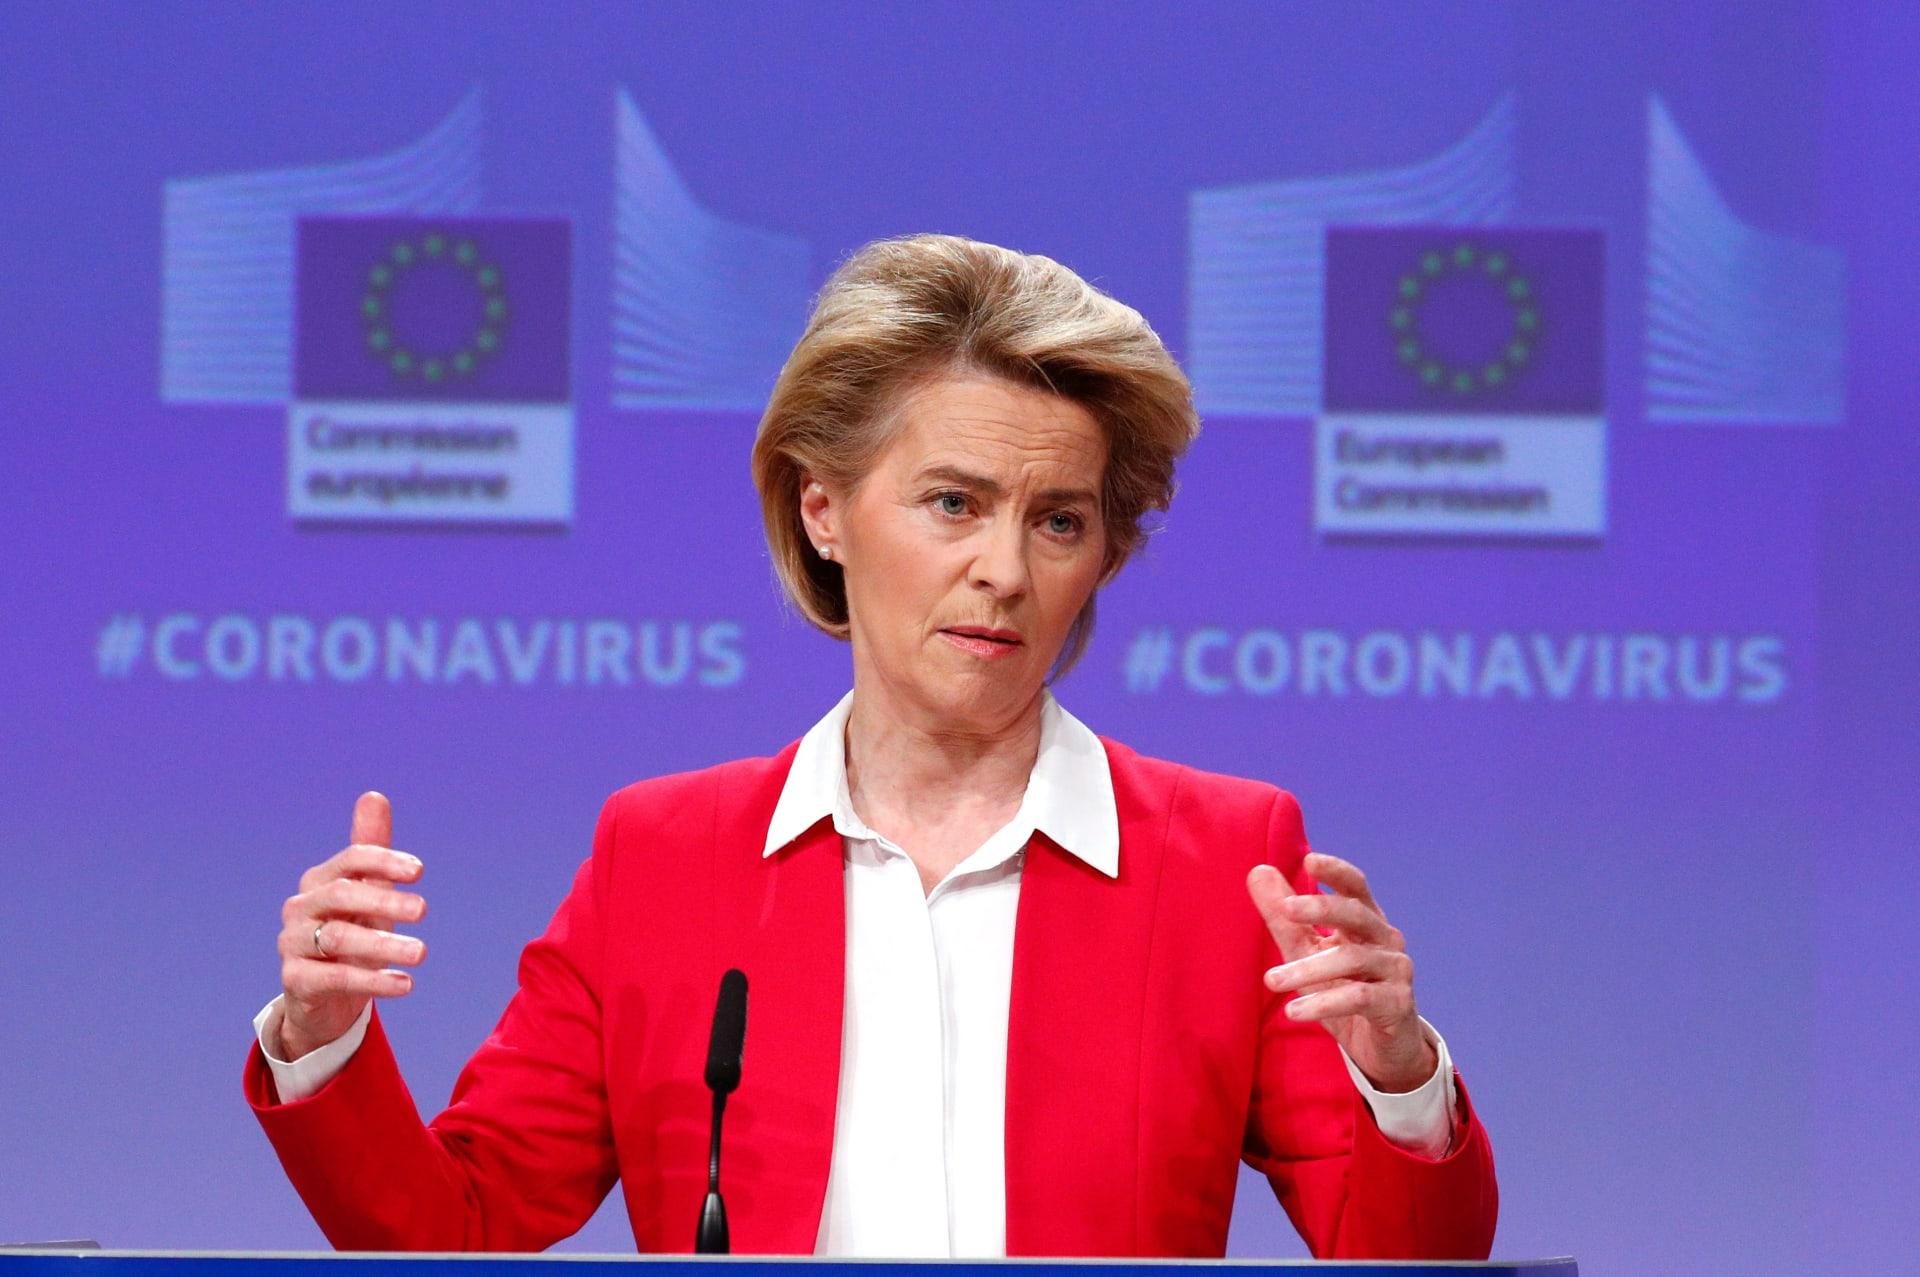 رئيسة المفوضية الأوروبية أورسولا فون دير لين